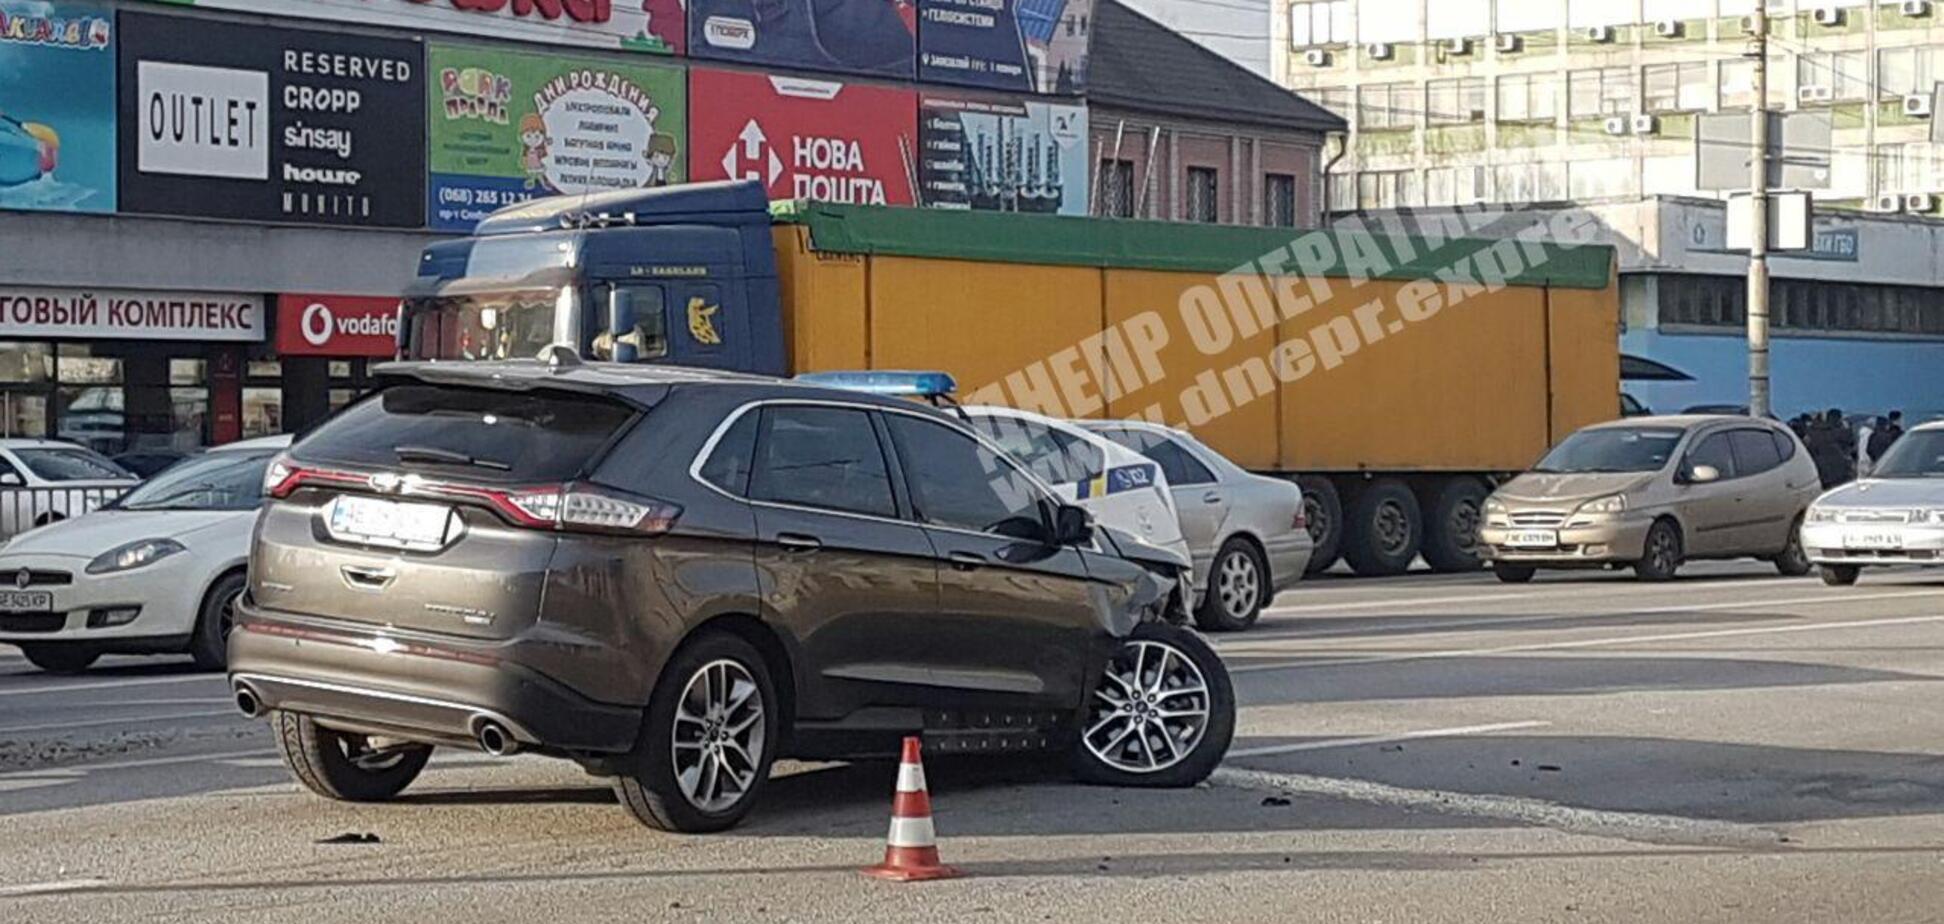 Повернул через две полосы: в Днепре произошло жесткое ДТП на Слобожанском проспекте. Видео